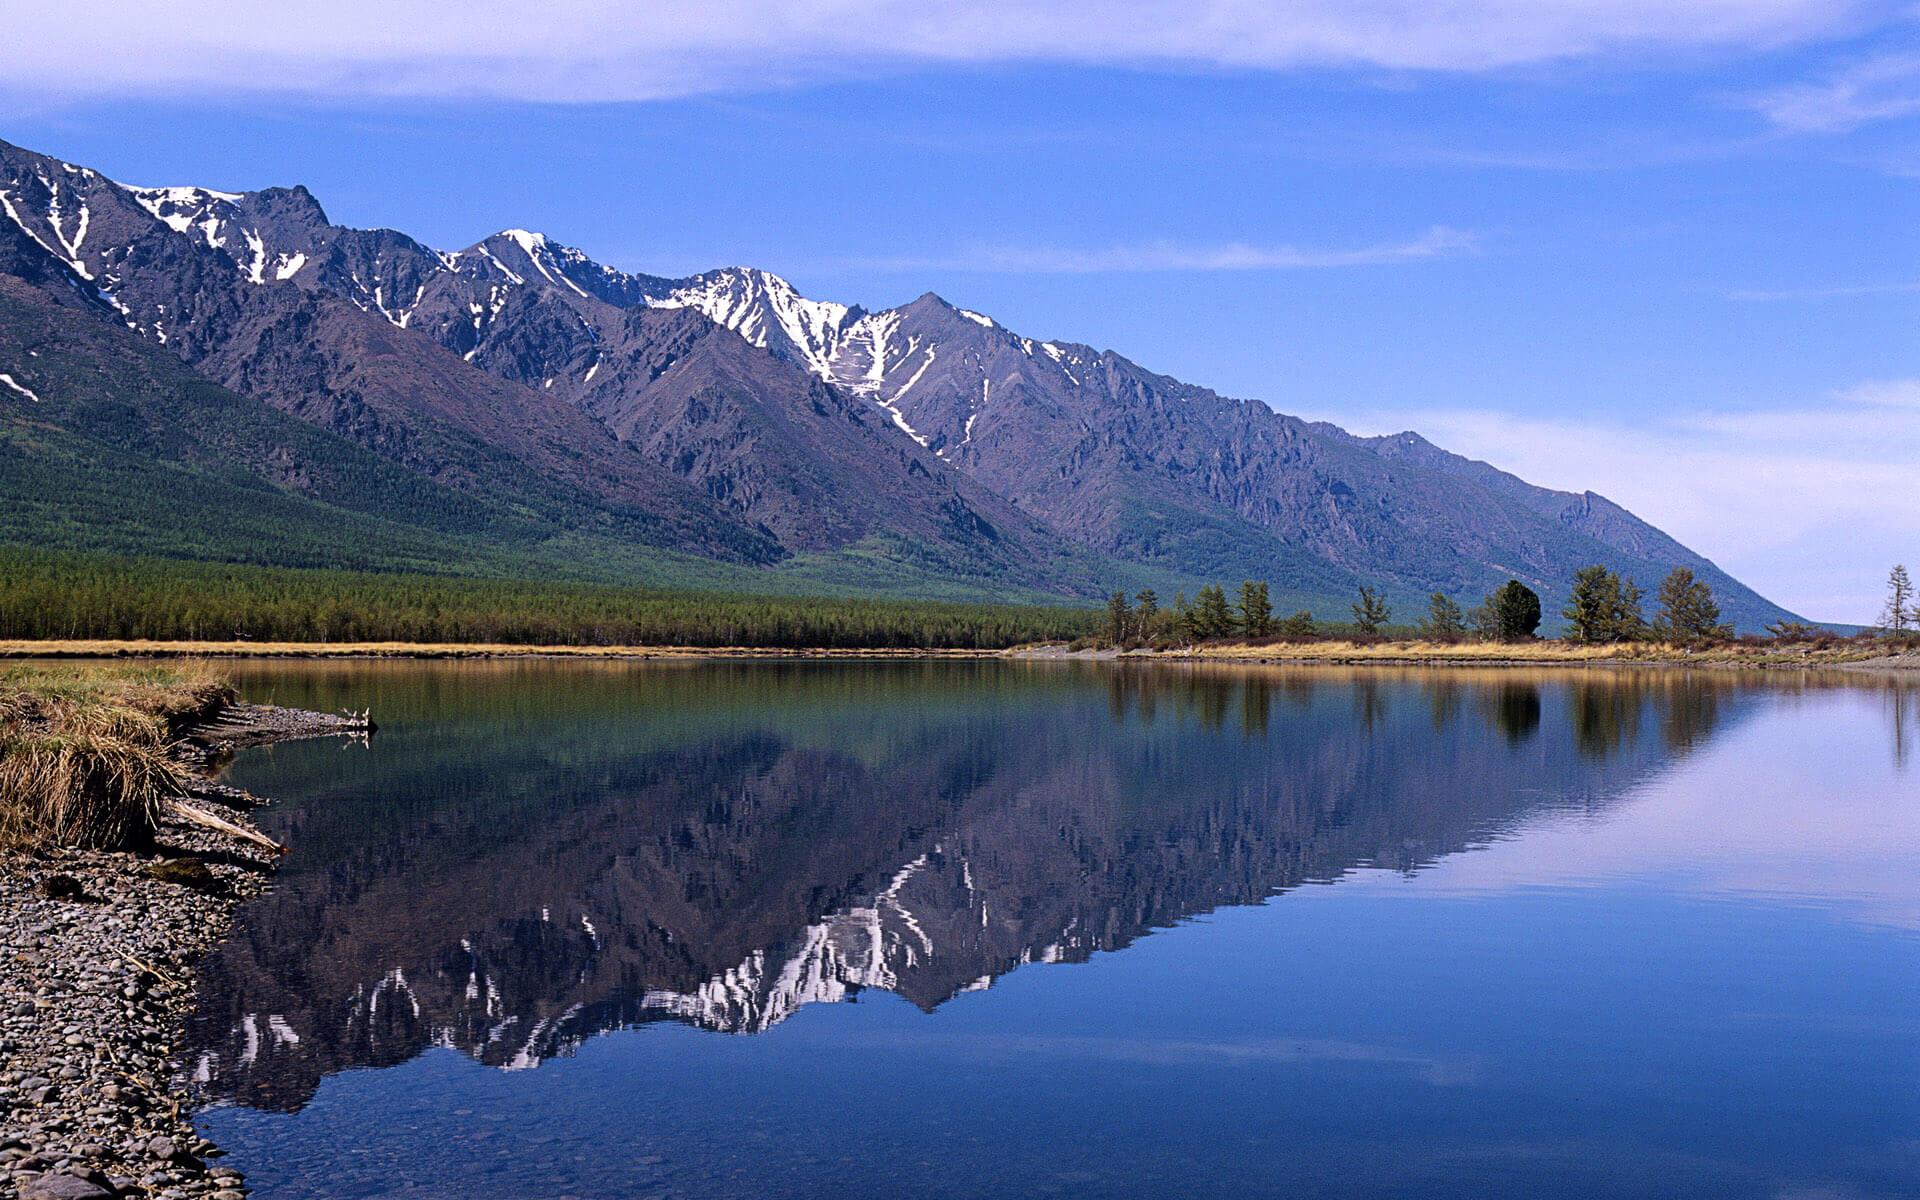 Отдых в России: 7 лучших мест на Байкале